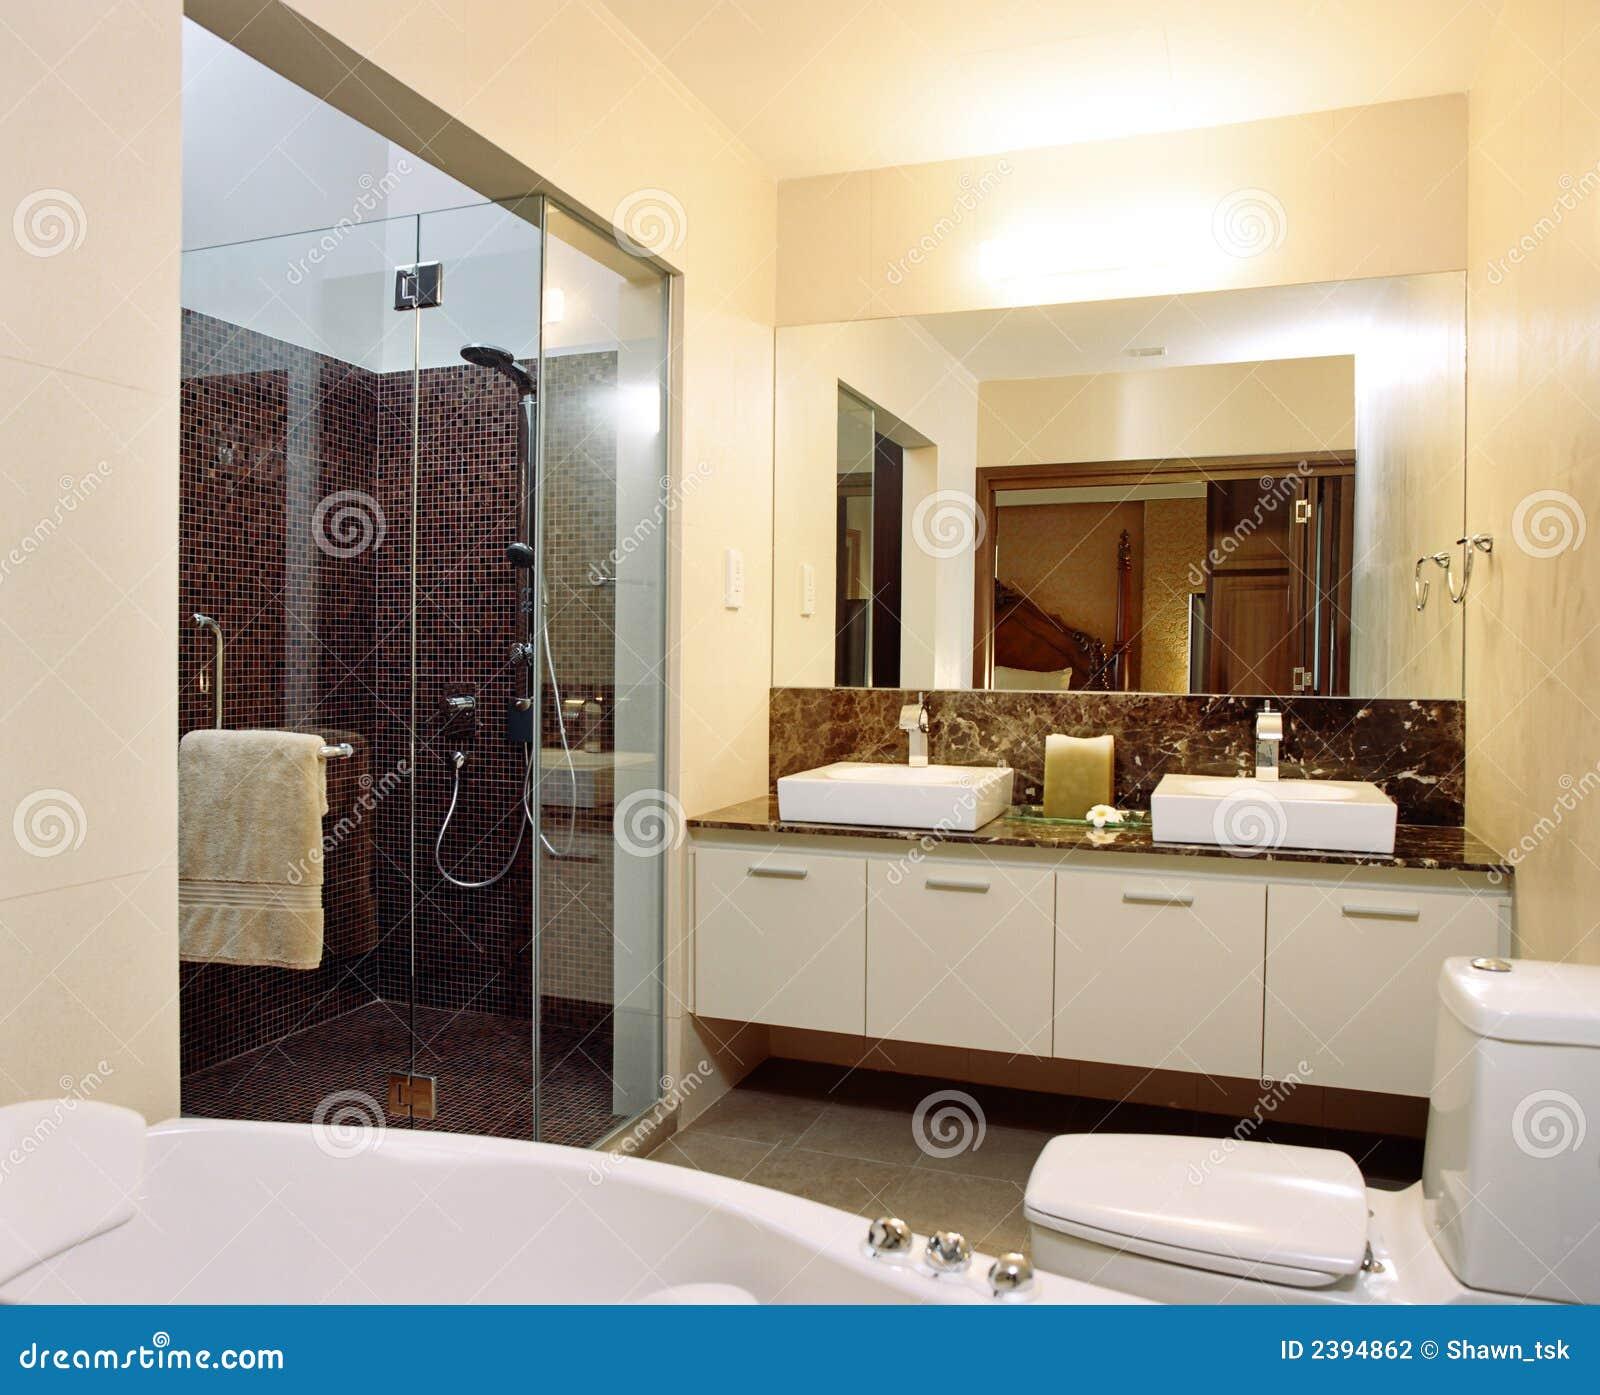 Innenarchitektur badezimmer stockfoto bild von for Innenarchitektur badezimmer